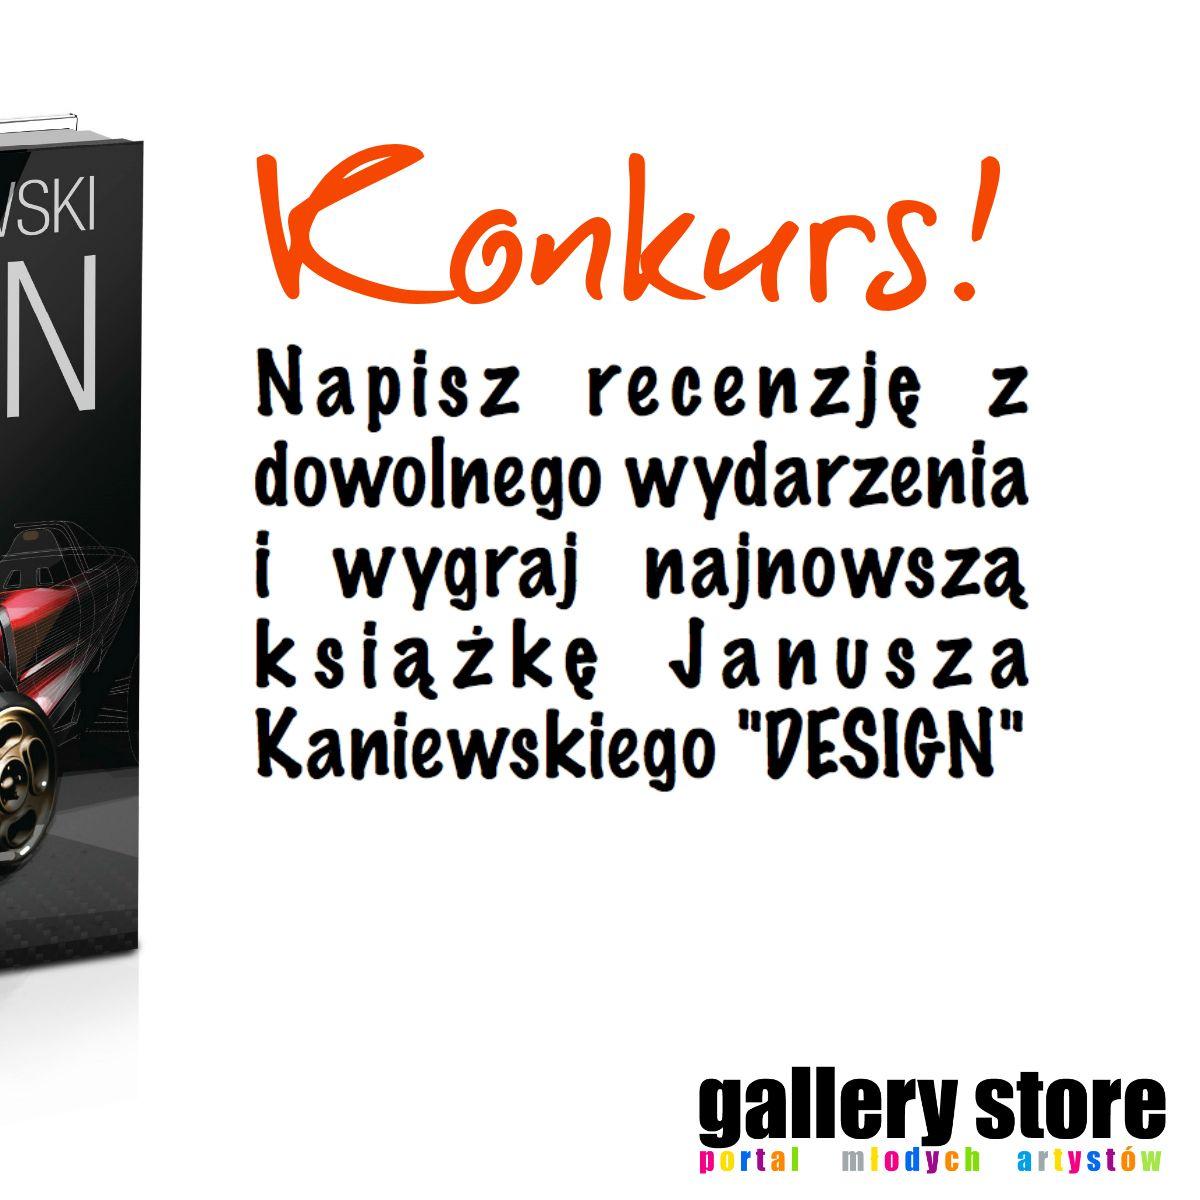 Konkurs Gallerystore: Napisz recenzję i wygraj najnowszy album Janusza Kaniewskiego ''DESIGN''